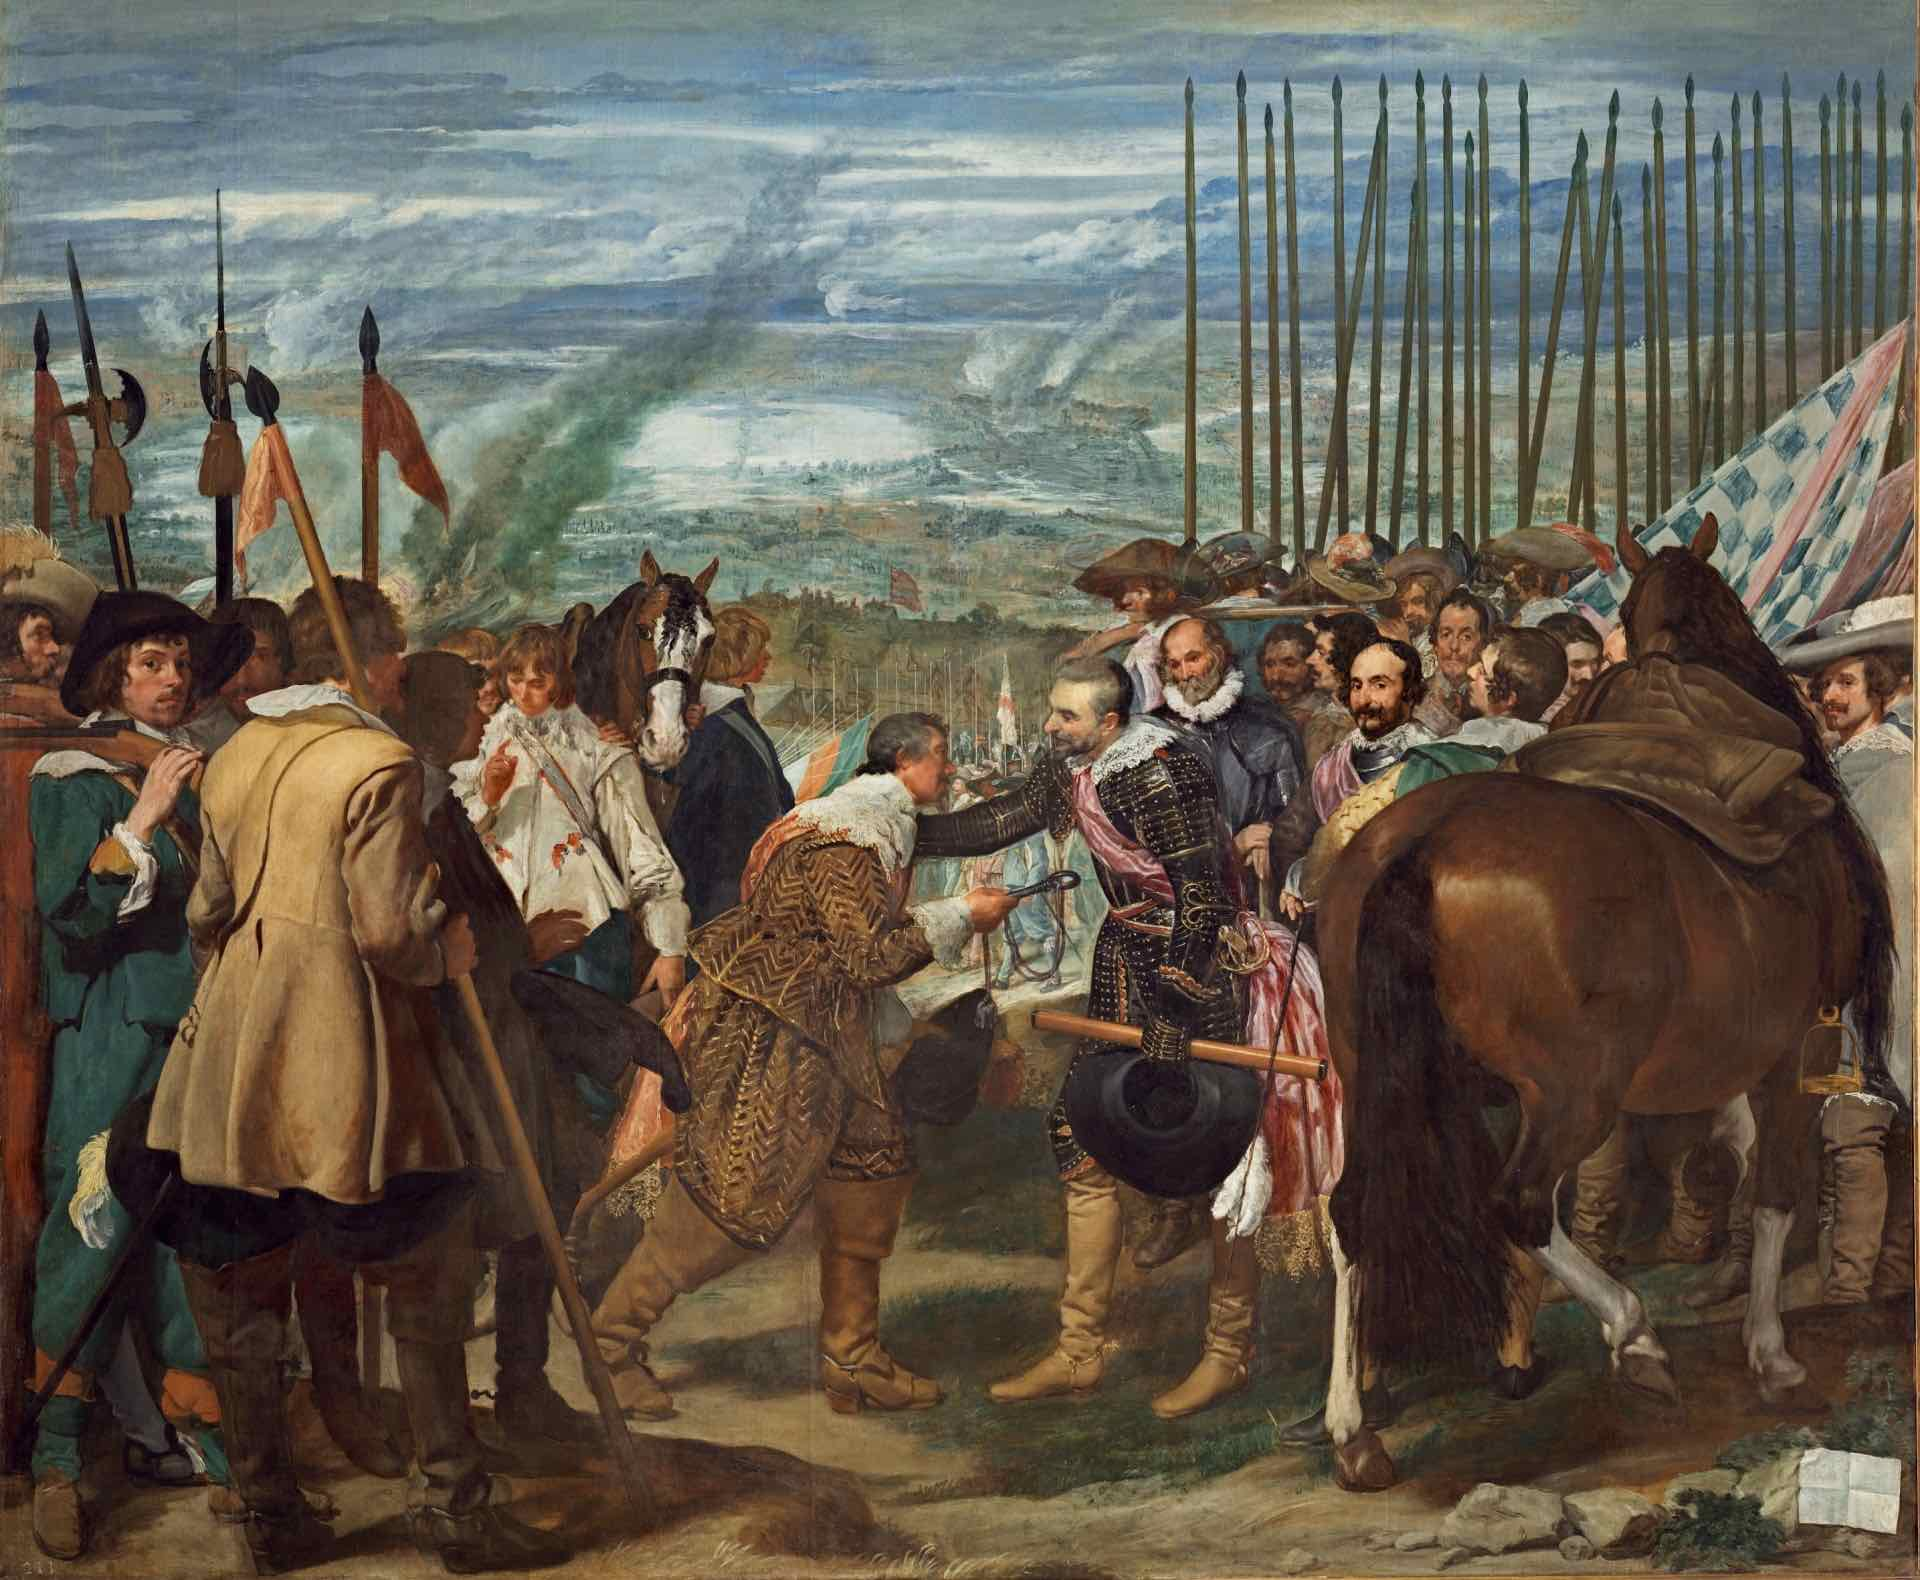 [1635] De overgave van Breda van Diego de Velázquez - Prado Museum Madrid